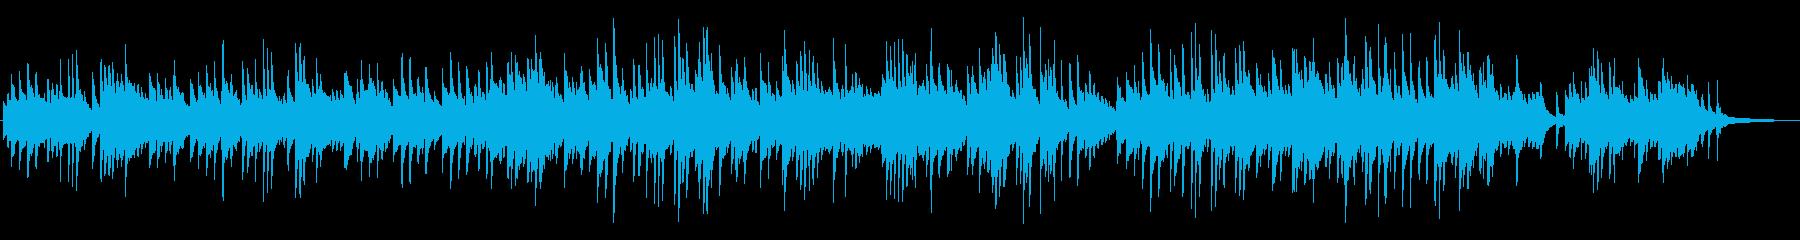 静かで優しい、叙情的なピアノBGMの再生済みの波形